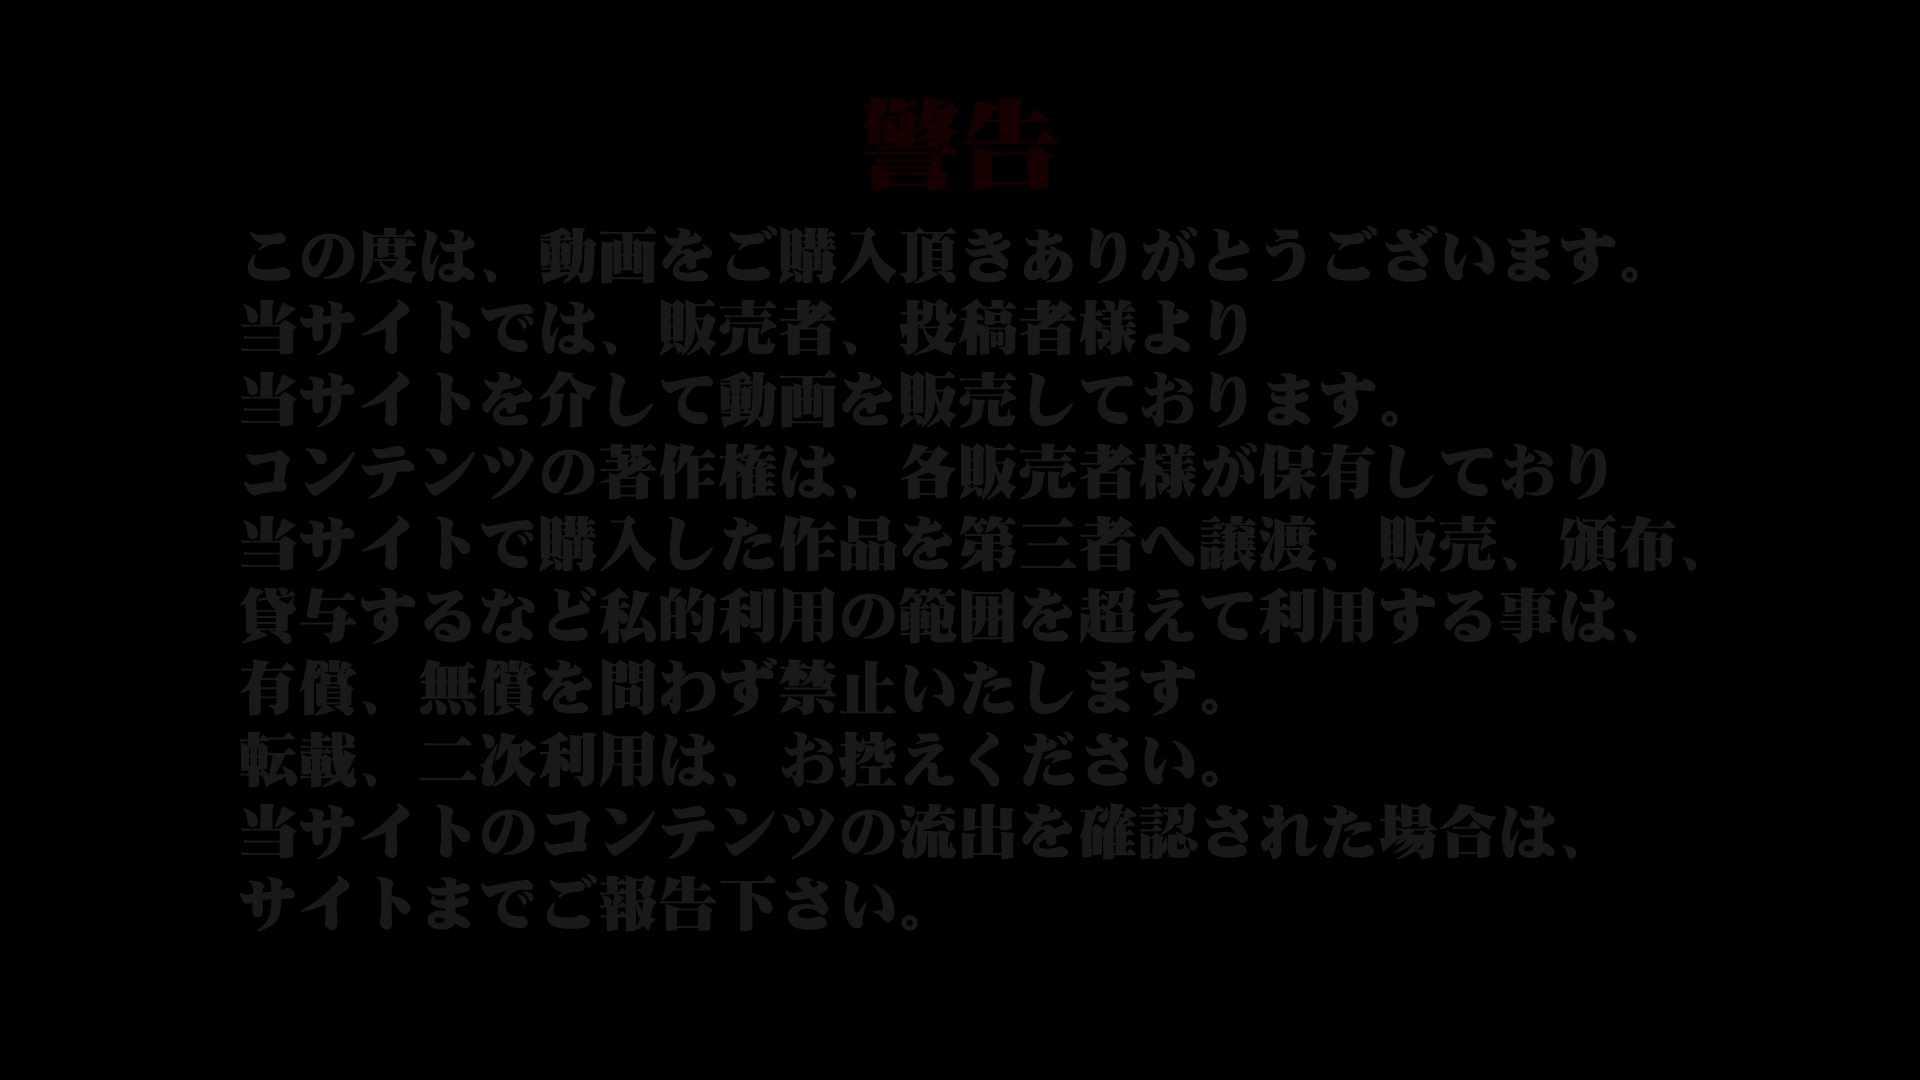 異業種交流会!!キャビンアテンダント編vol.45 トイレ | 下着 盗撮 75PIX 1